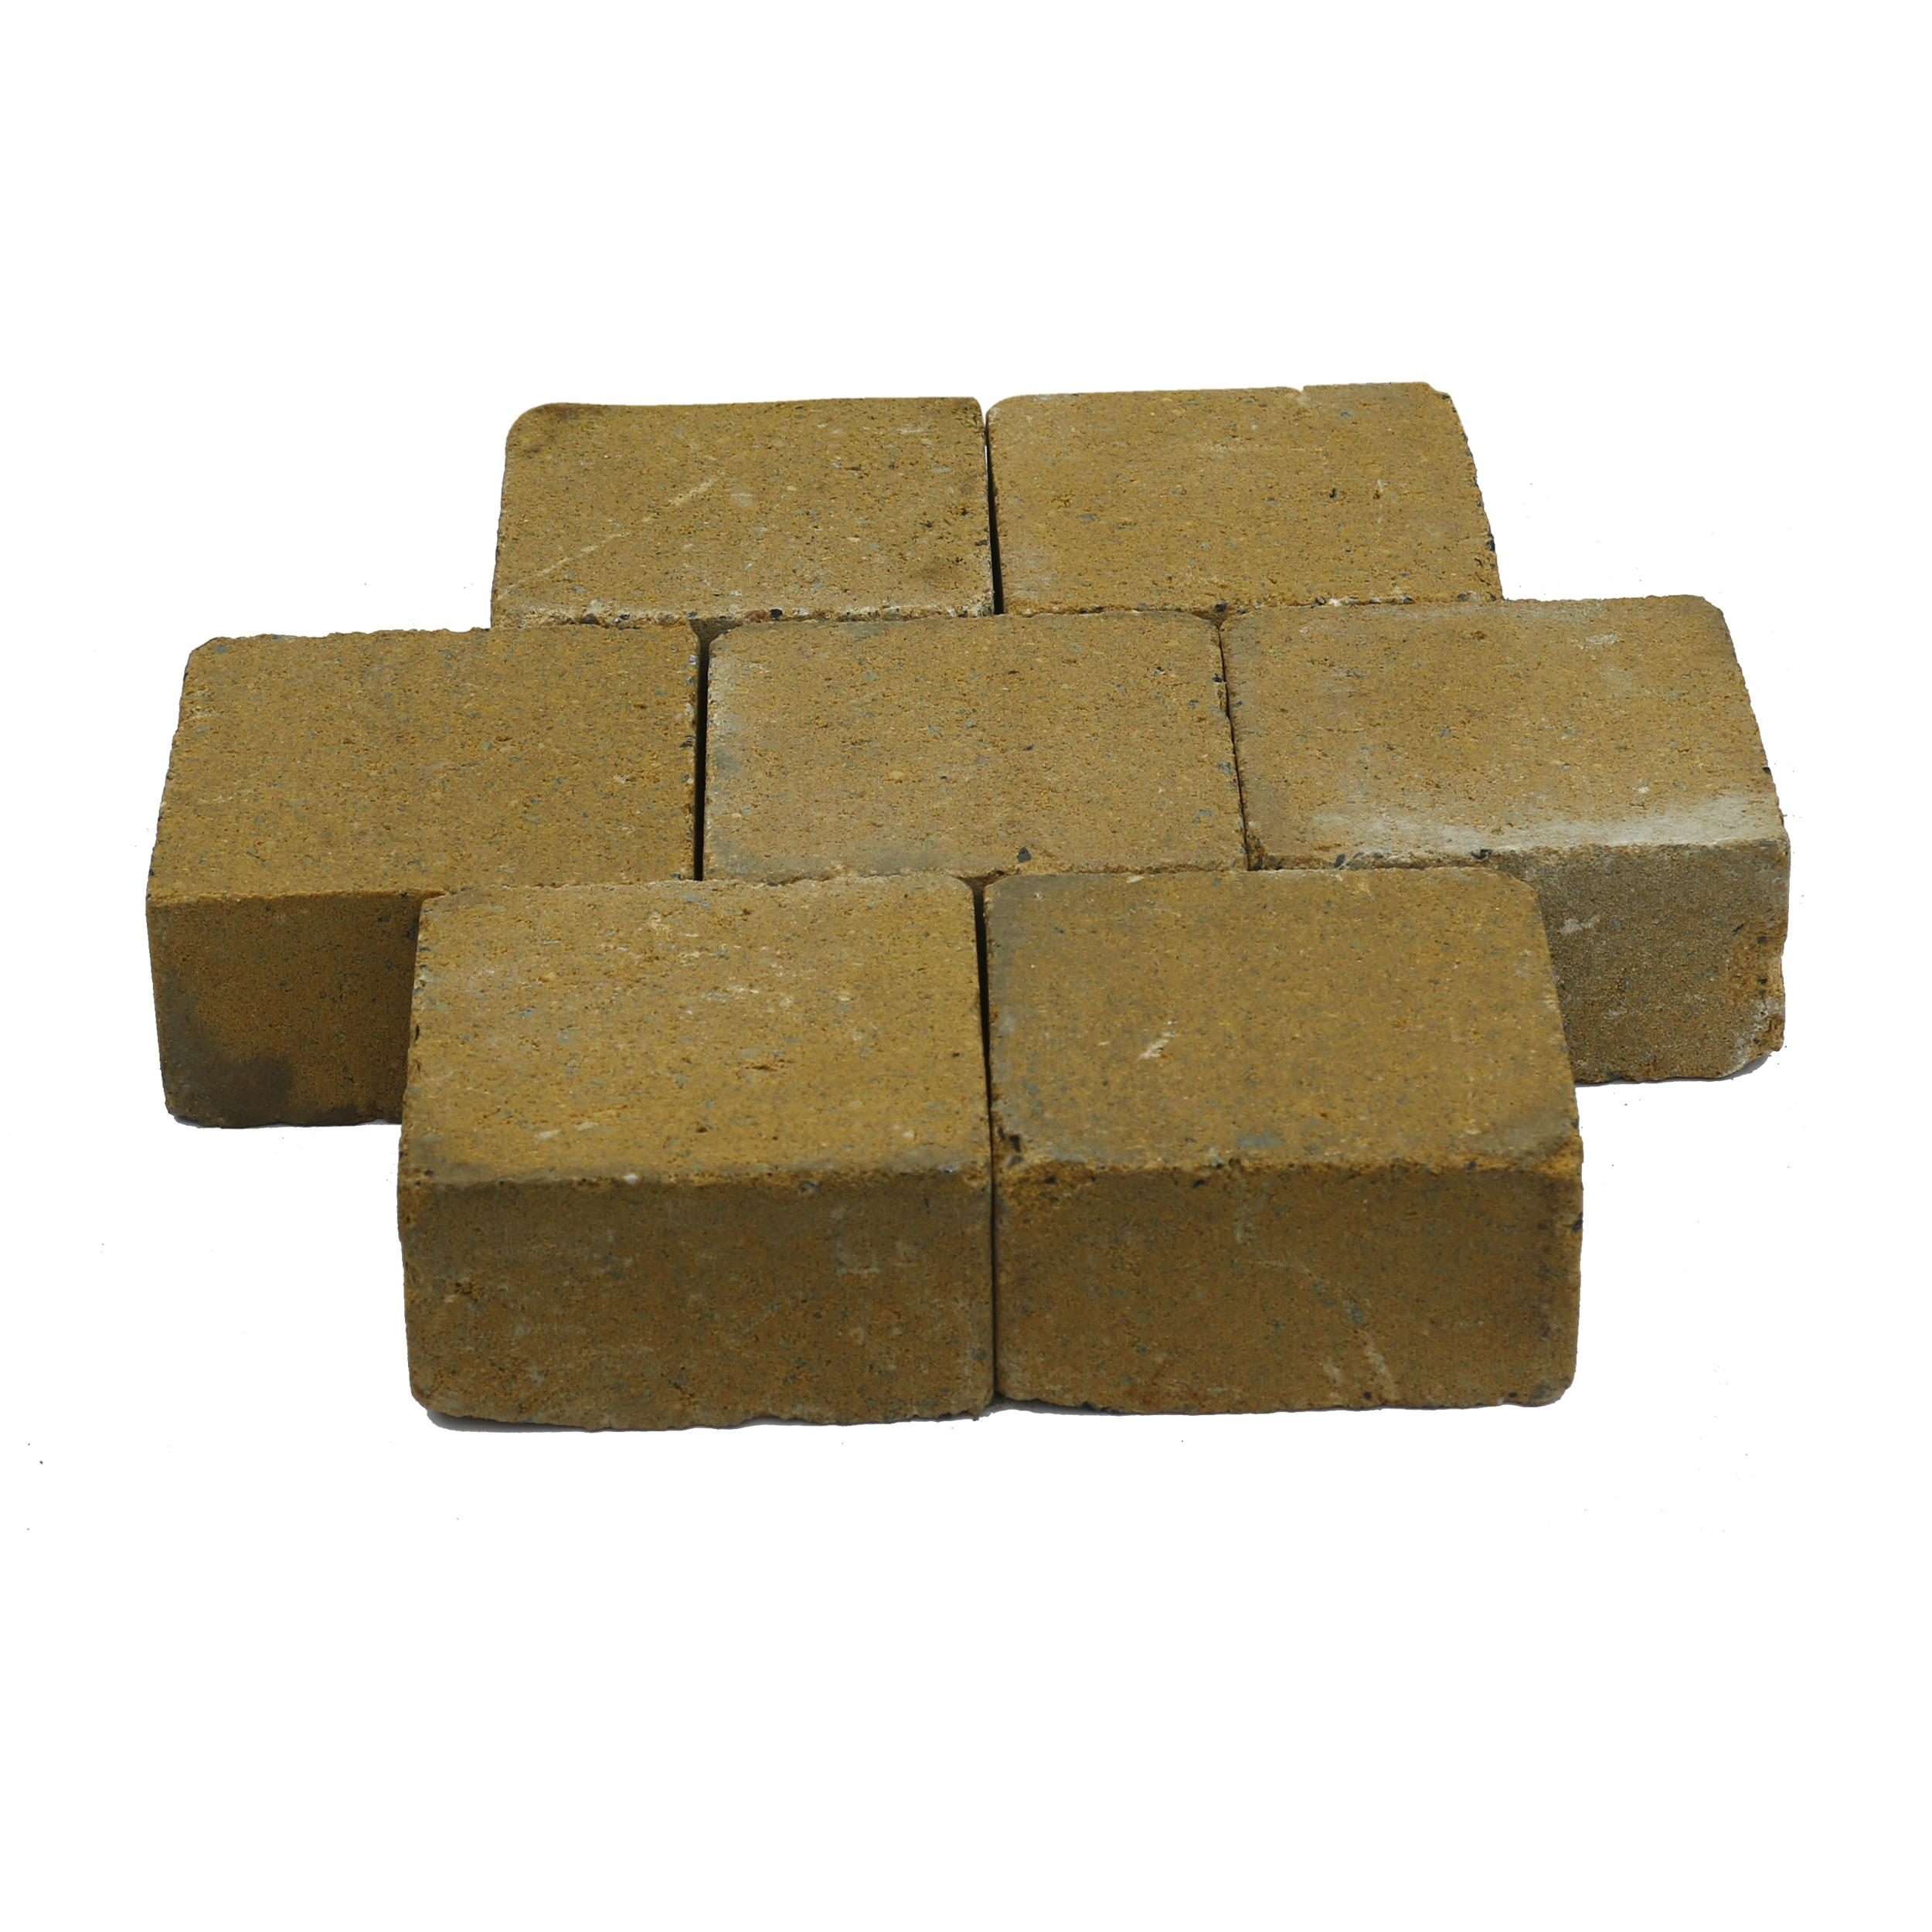 Trommelsteen Beton Geel 14x14x7 cm - 405 Stuks - 7,94 m2